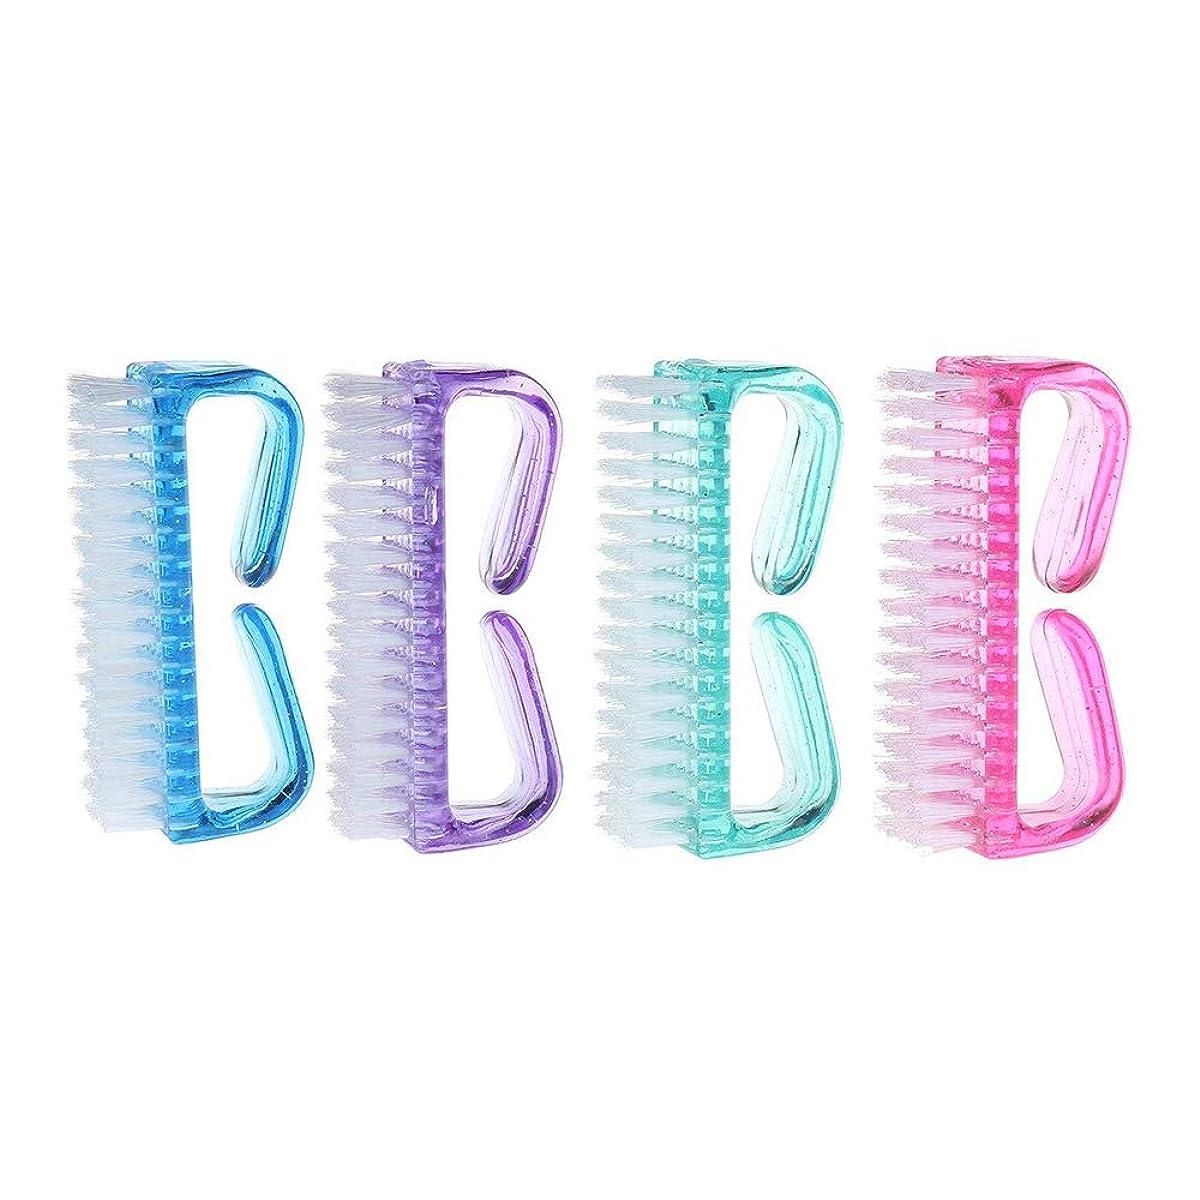 【Pinacis】 爪ブラシ ネイル用ブラシ 万能 除菌 爪の間の汚れを落とす ABSプラ製 全4色 4個セット ピンク グリーン